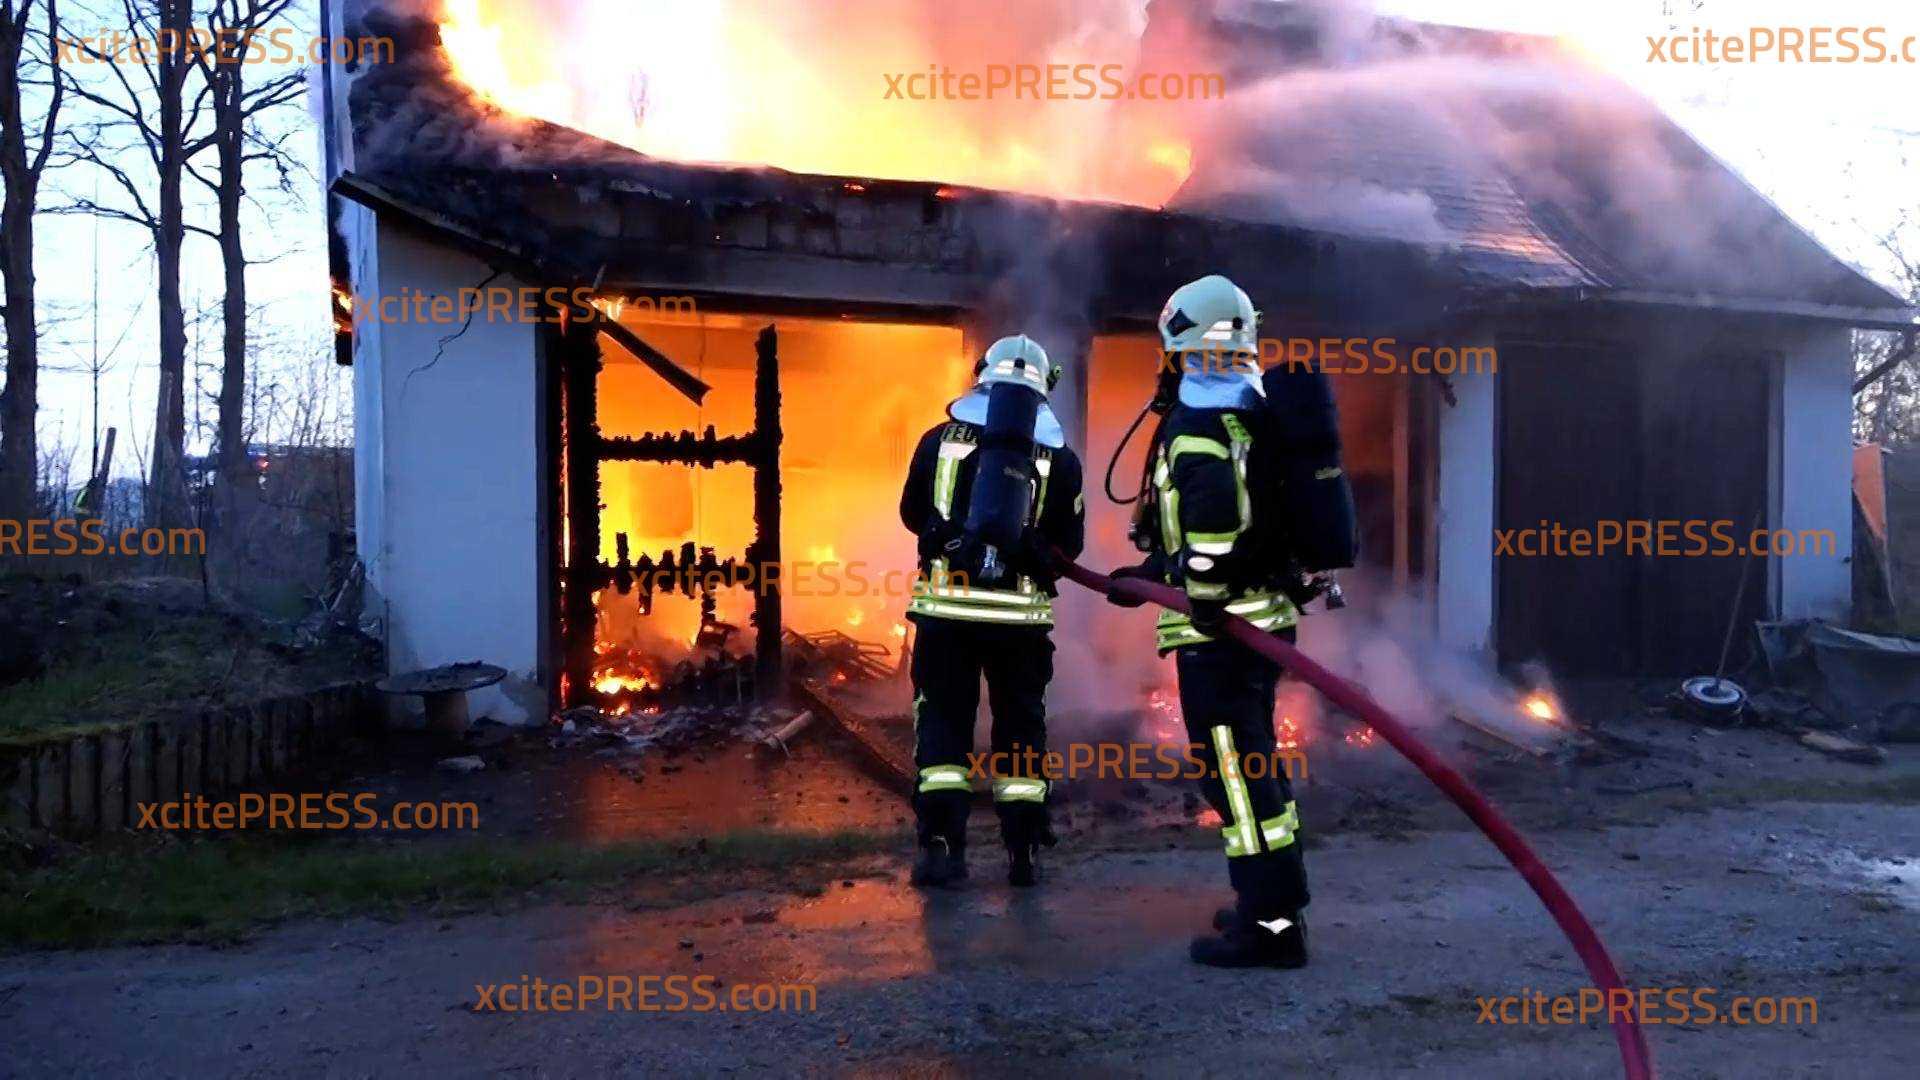 Gebäude brennt bei Bischofswerda lichterloh: Feuerwehr mit zahlreichen Einsatzkräften vor Ort